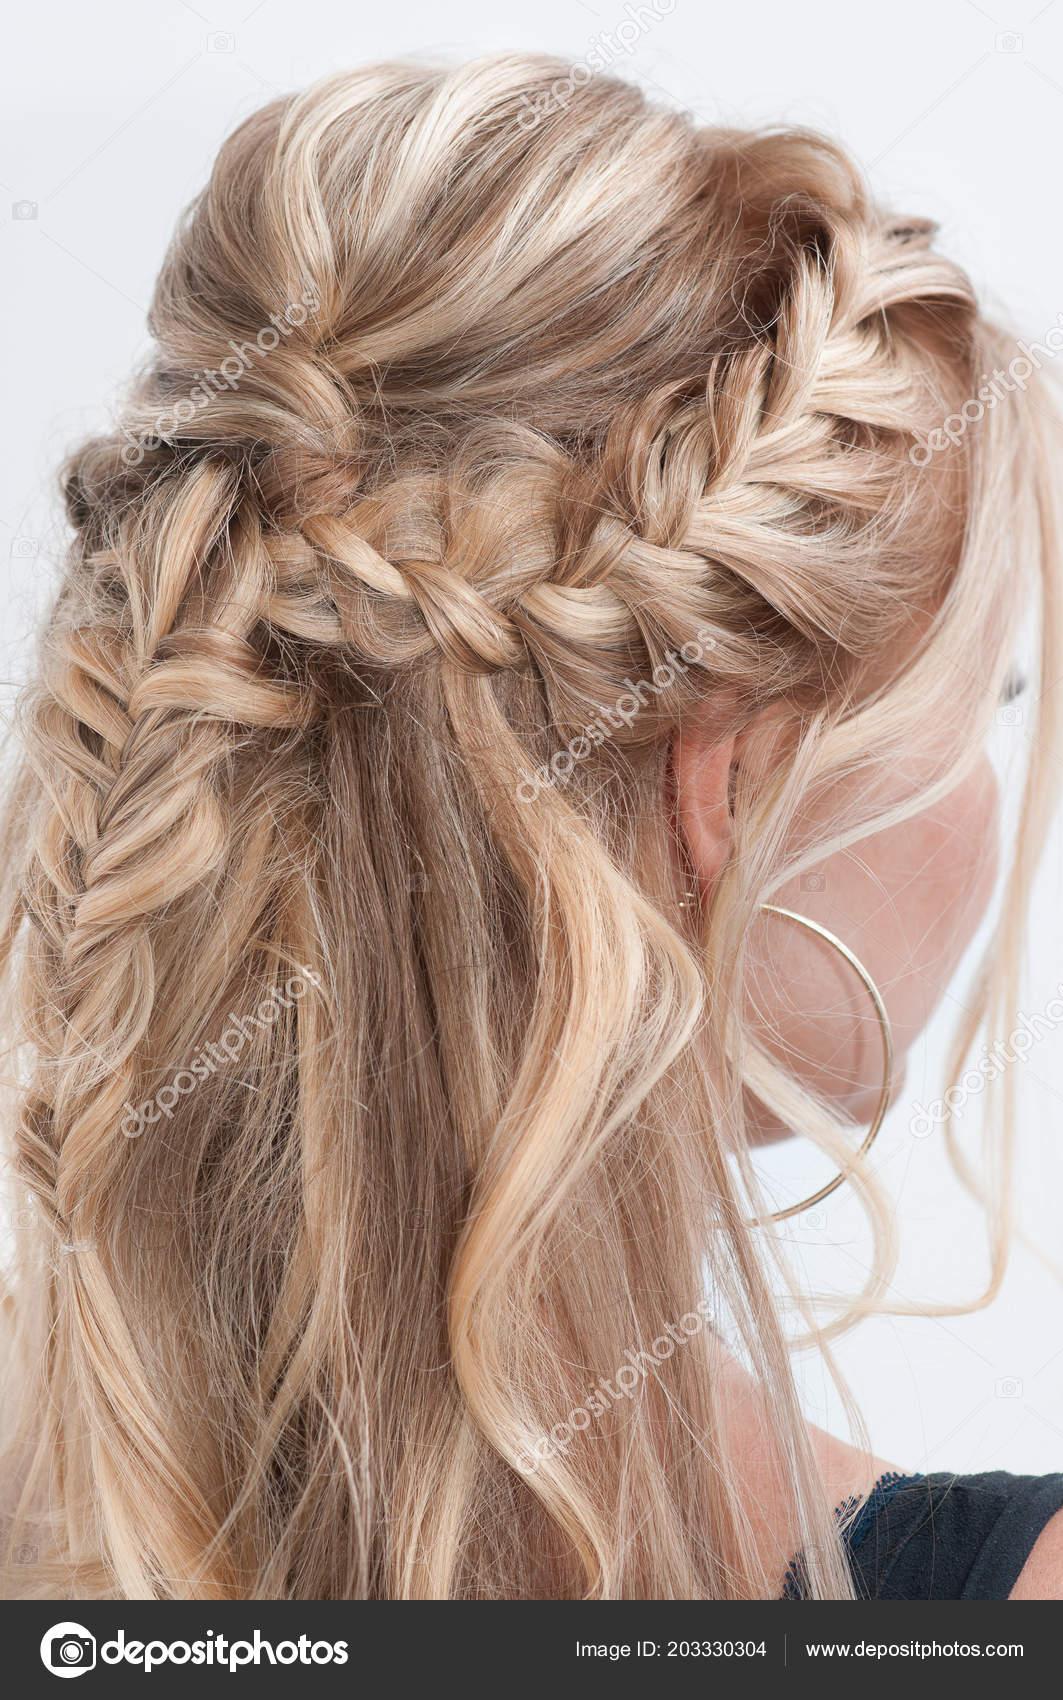 Blonde Aux Cheveux Longs Coiffure Photographie Oksy001 C 203330304